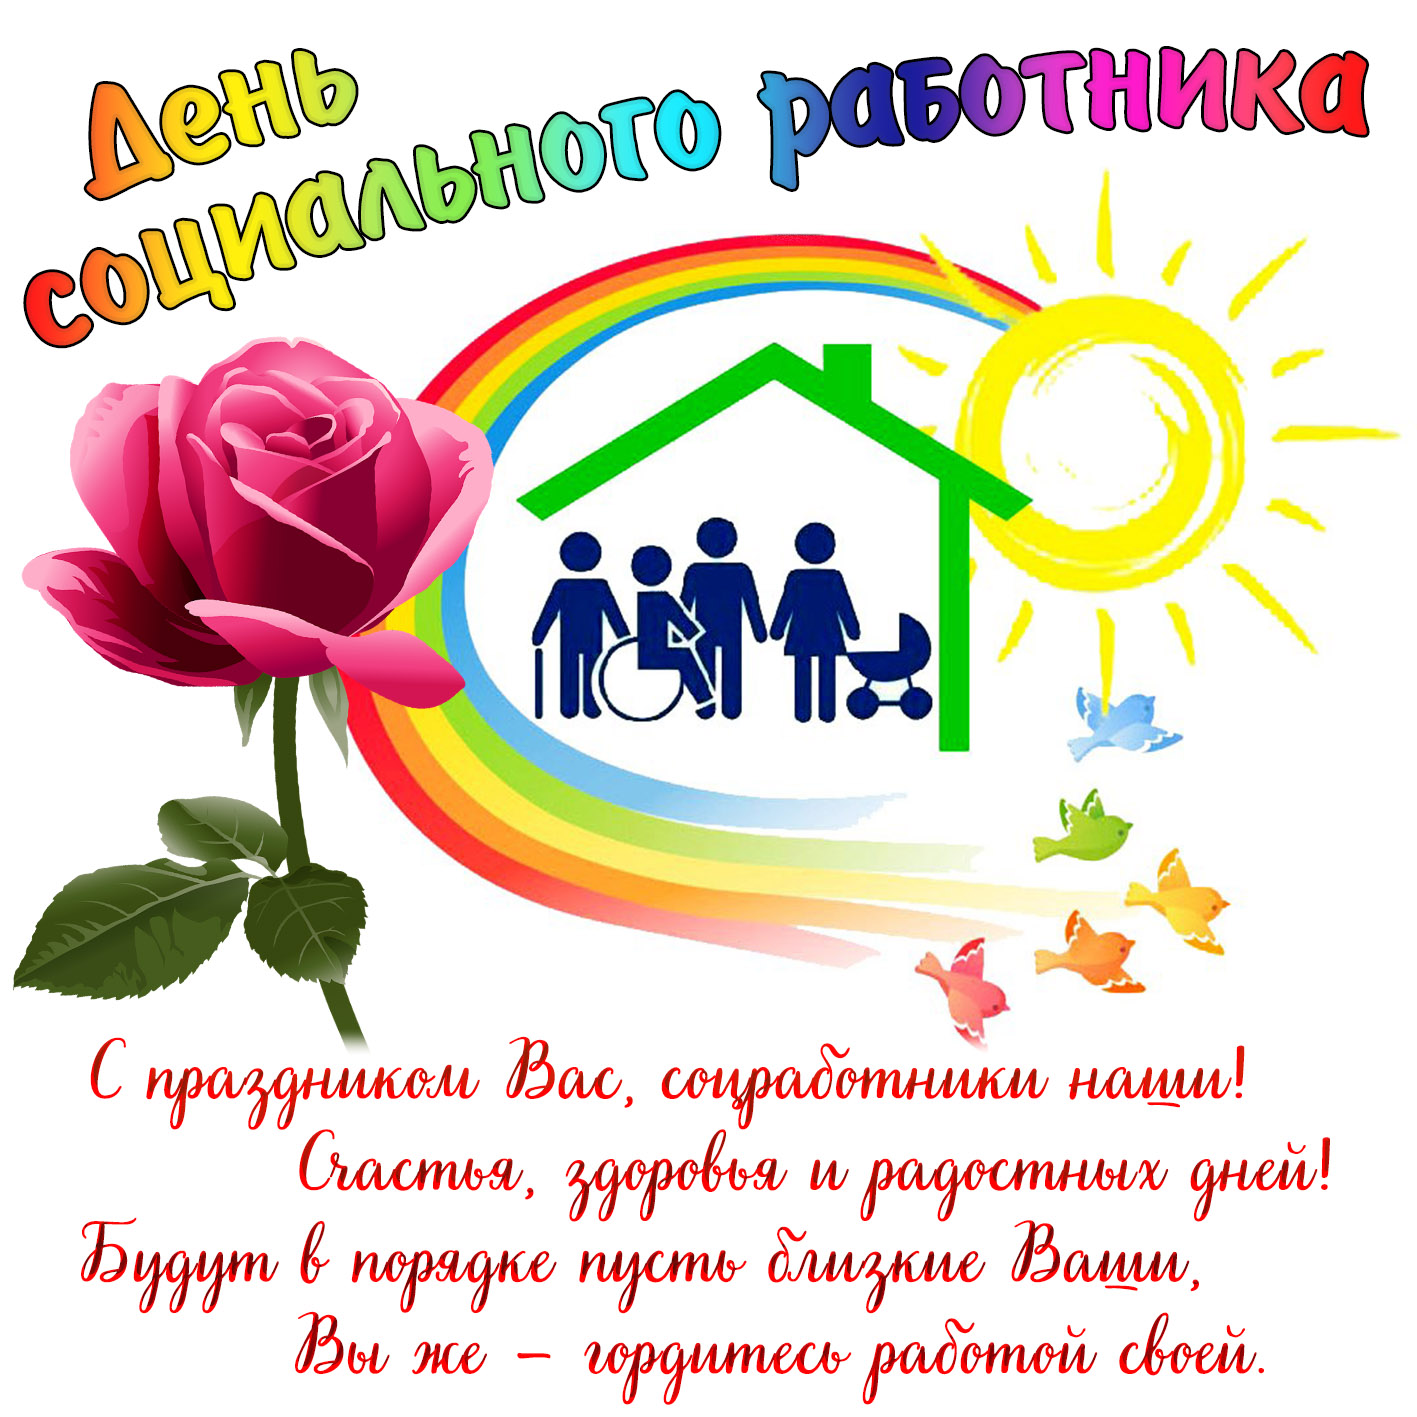 Открытка день социального работника в 2019 году, добрым утром